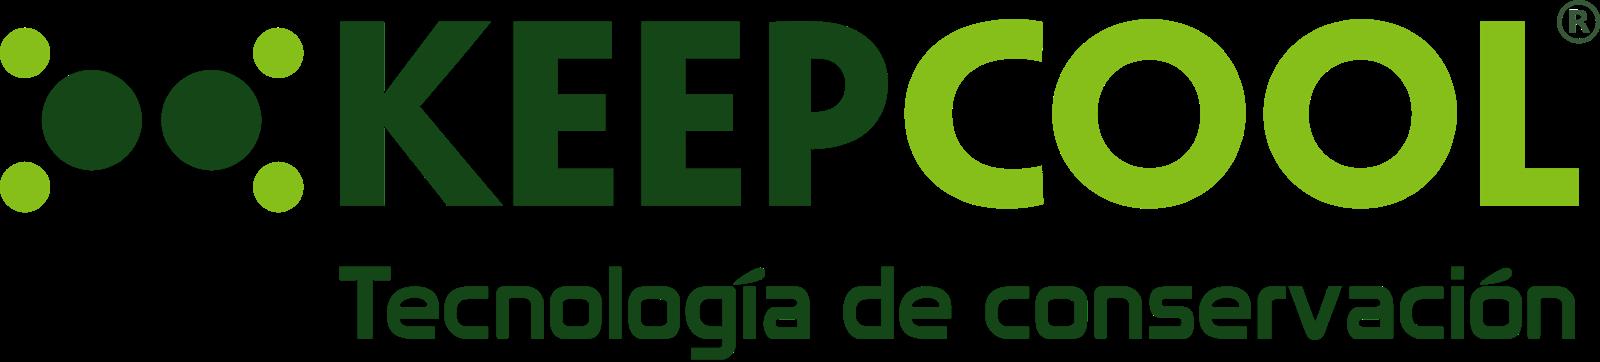 Keepcool